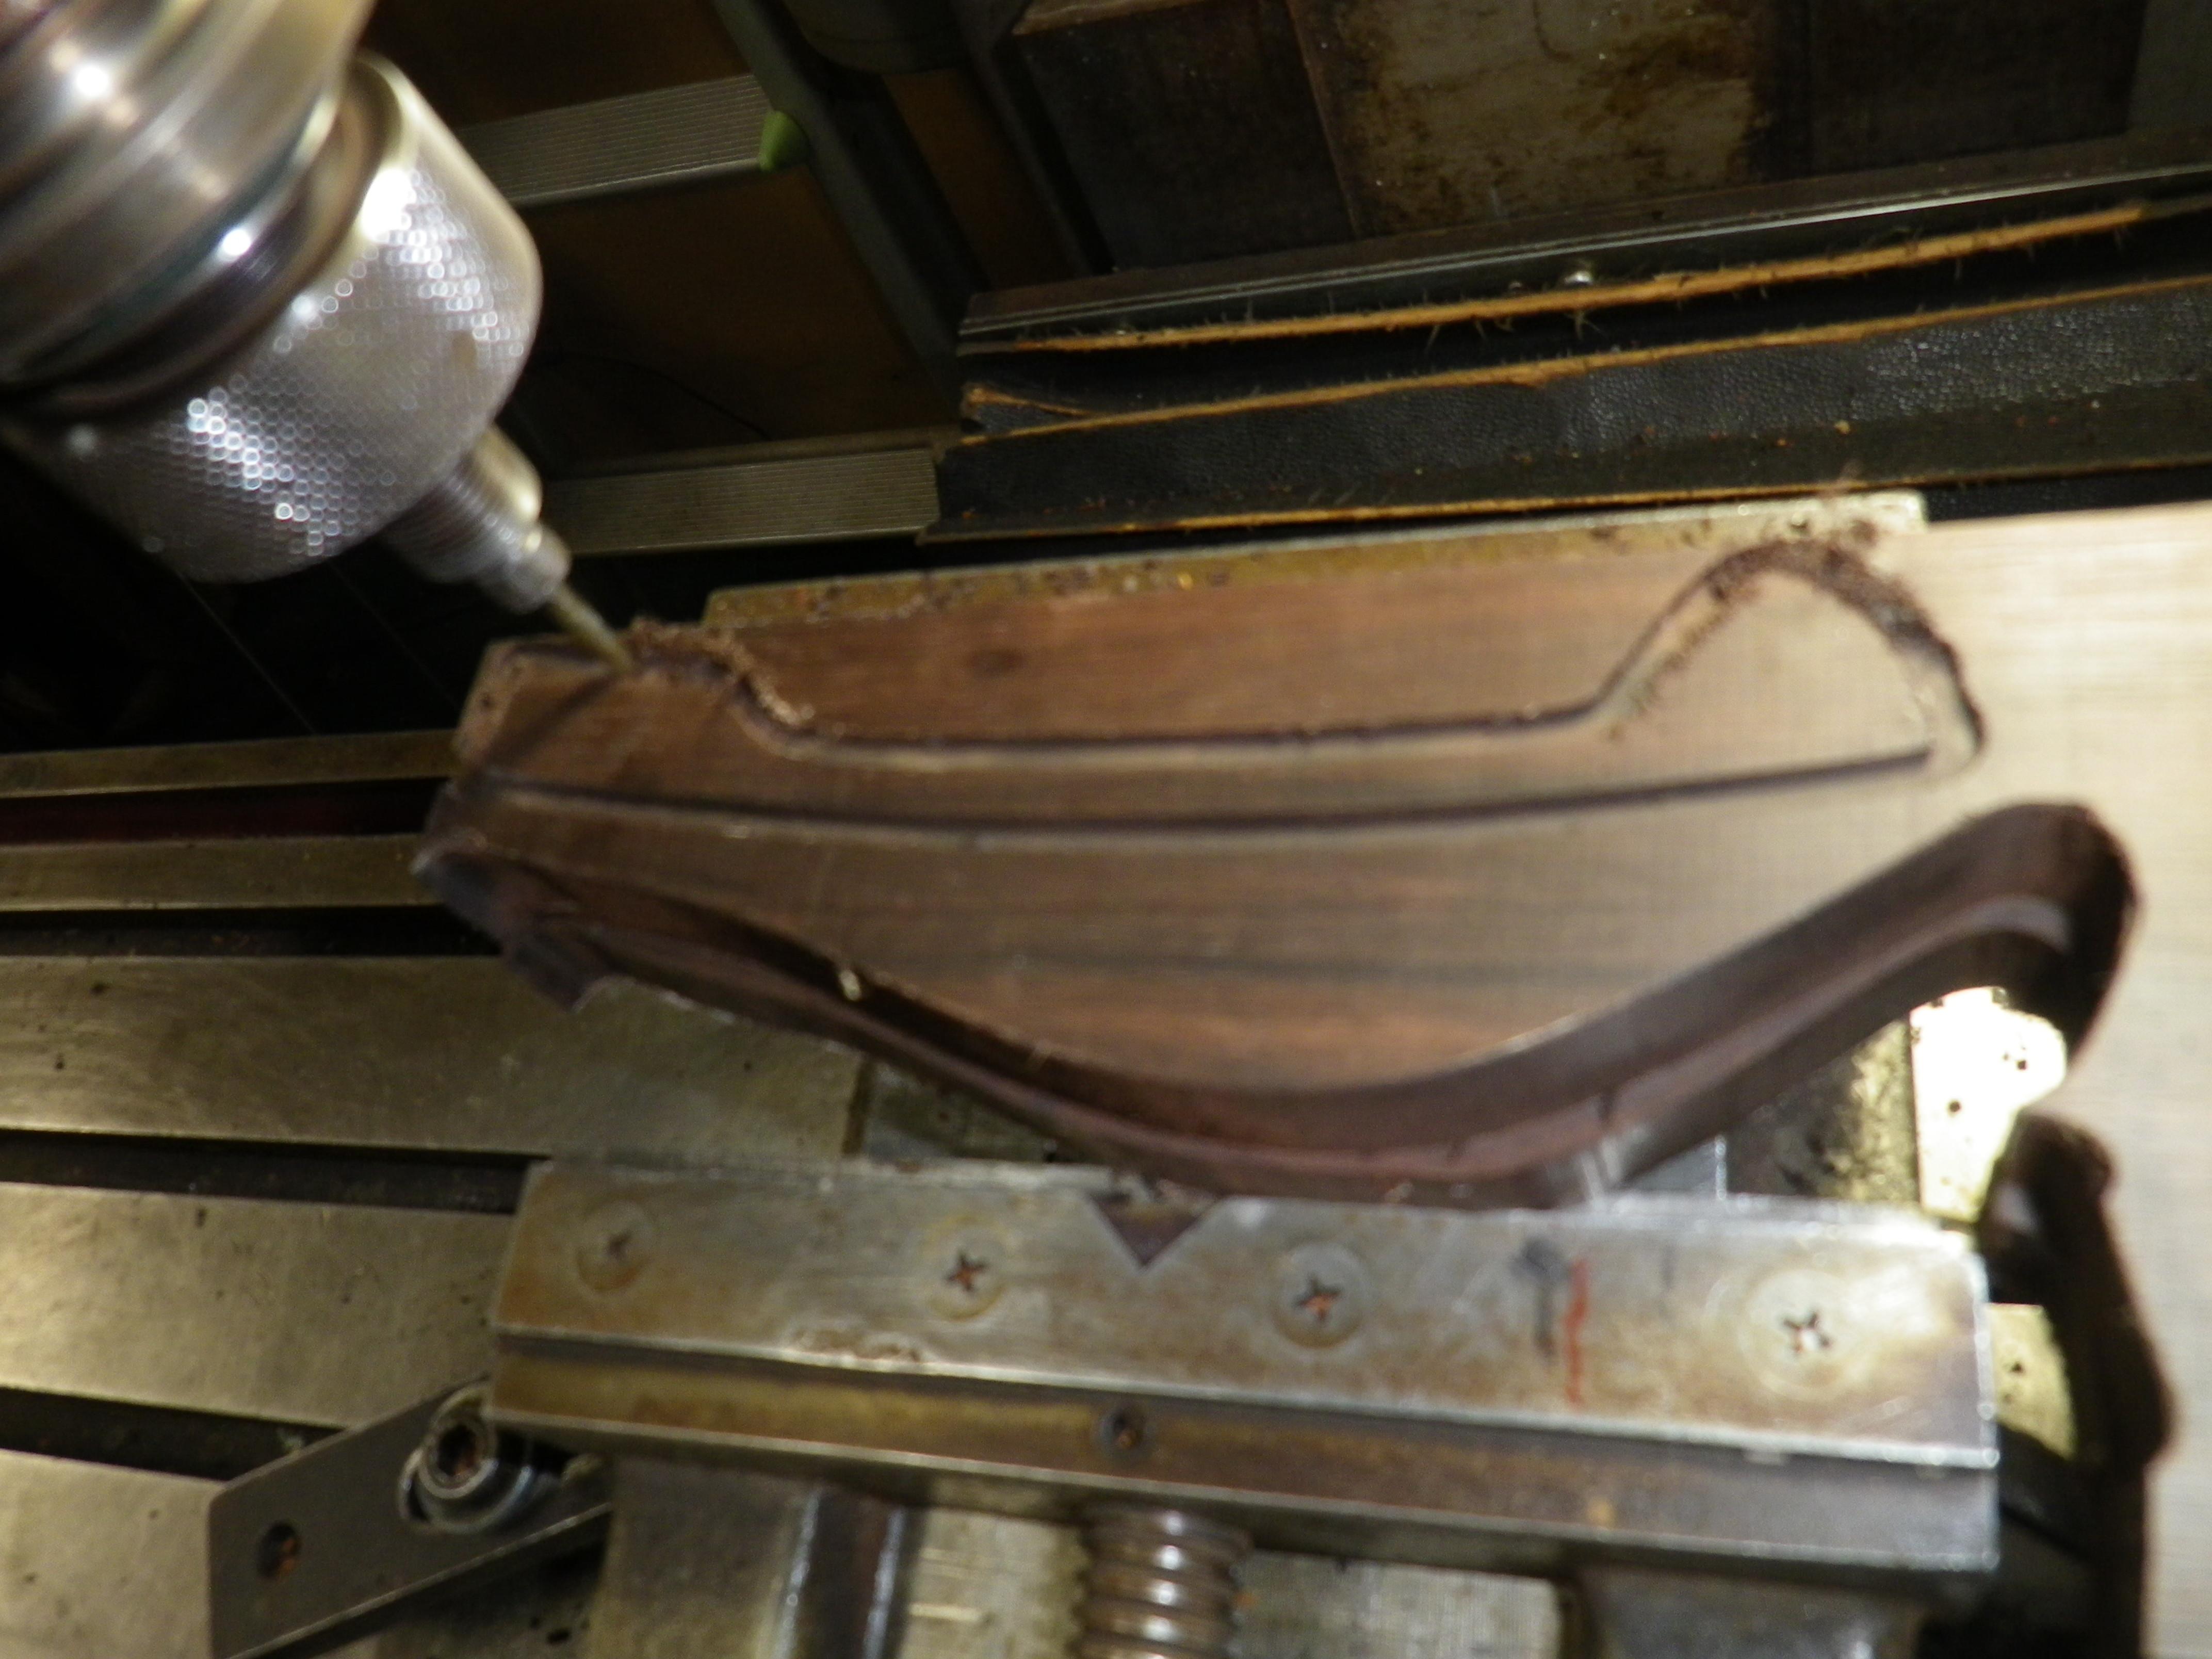 クロムハーツ 黒檀(こくたん)フレーム メガネのテンプル修理とダイヤ・カスタム